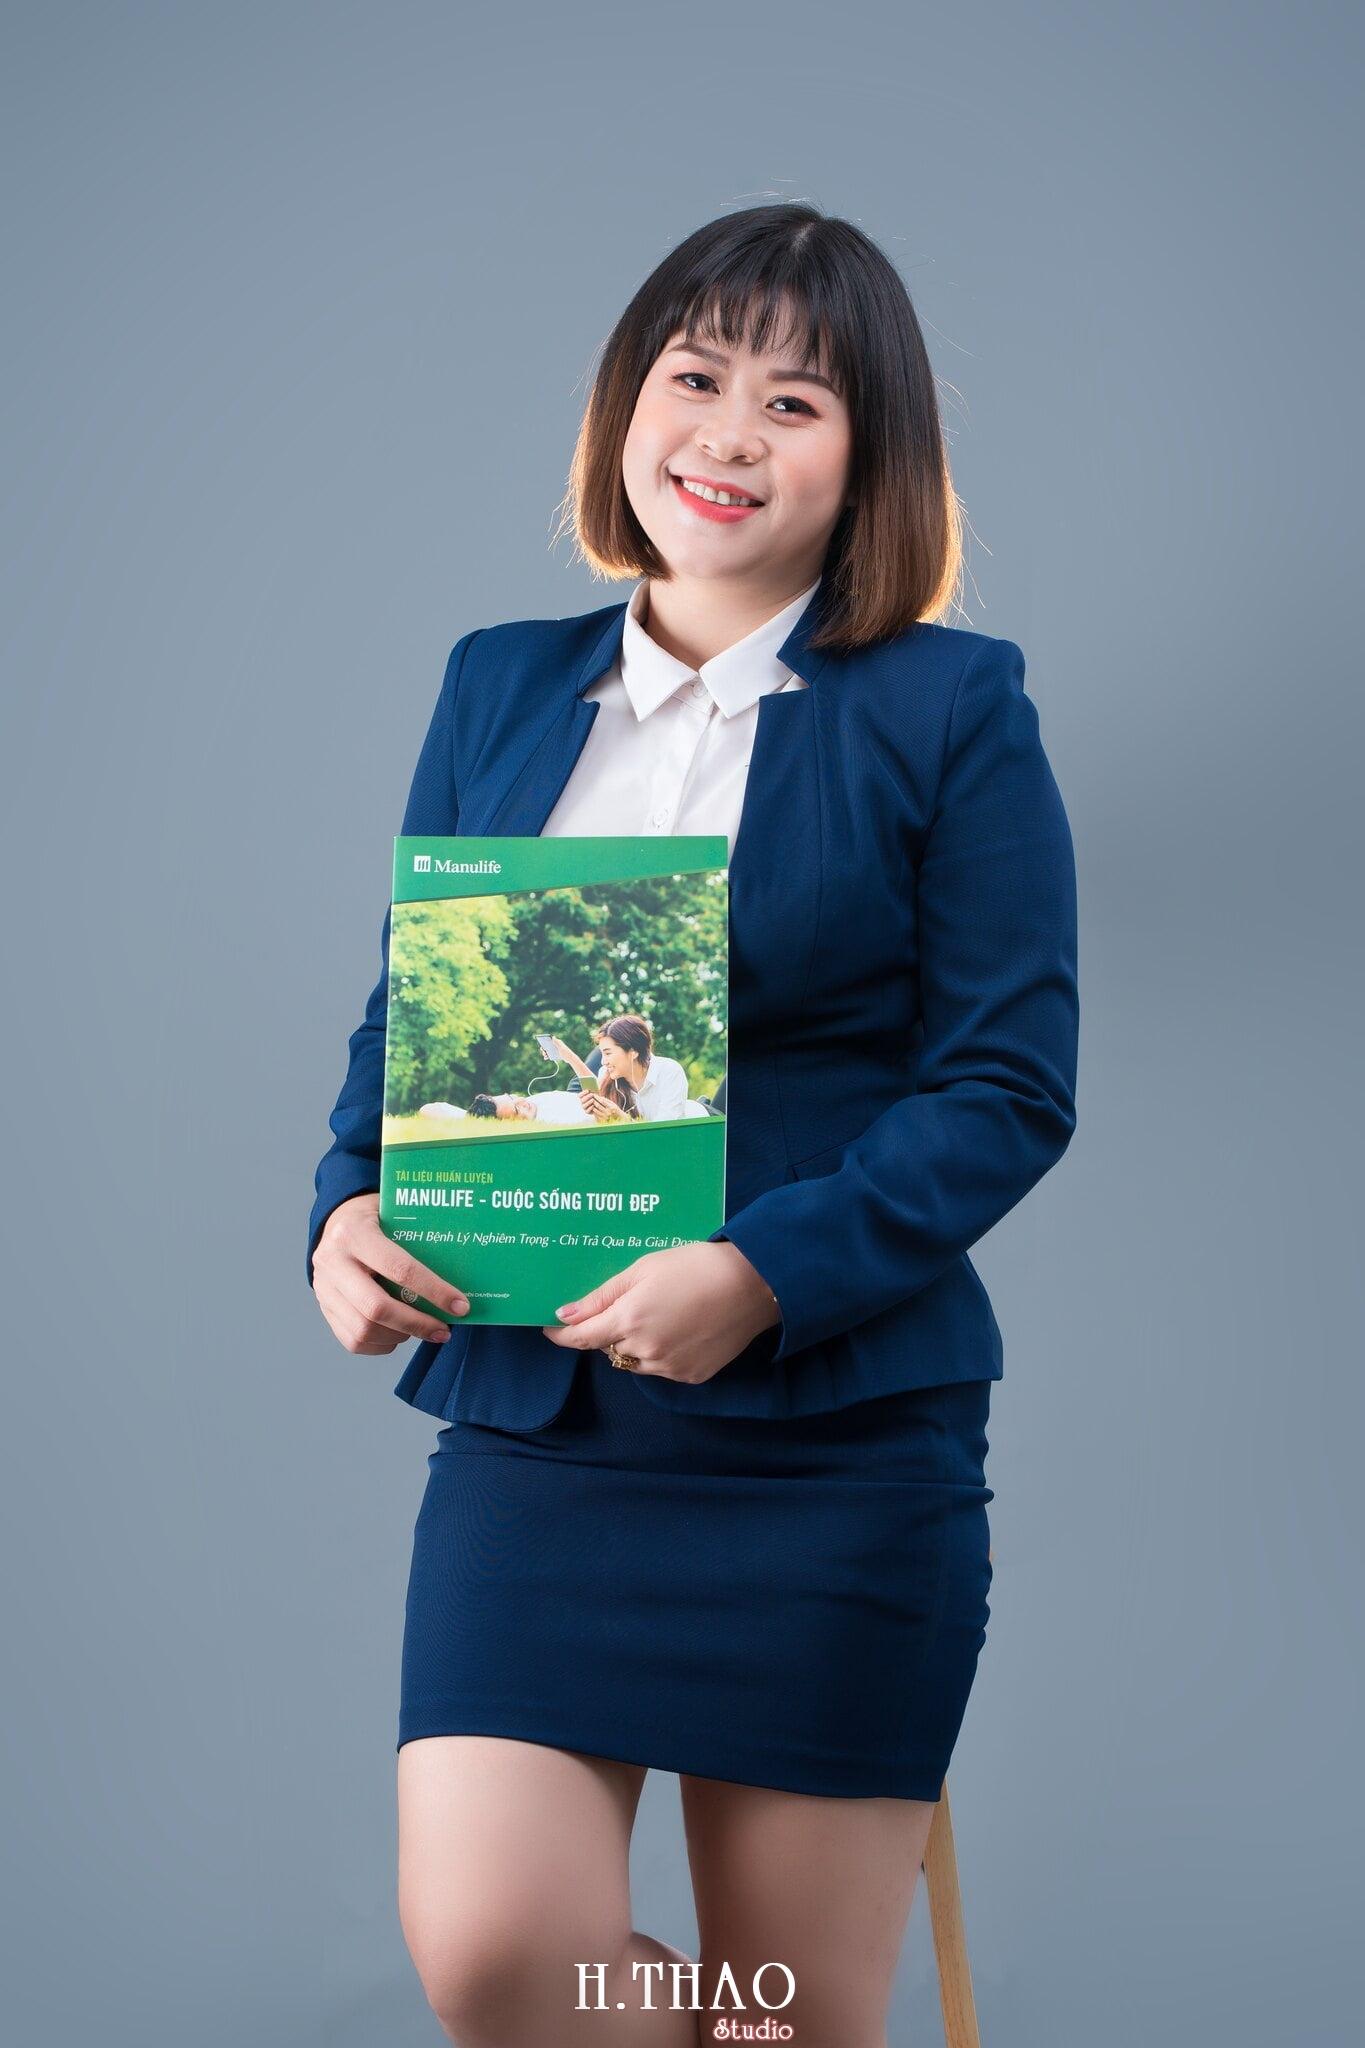 cong ty manulife 1 min - Studio chụp ảnh profile cá nhân chuyên nghiệp ở Tp.HCM- HThao Studio